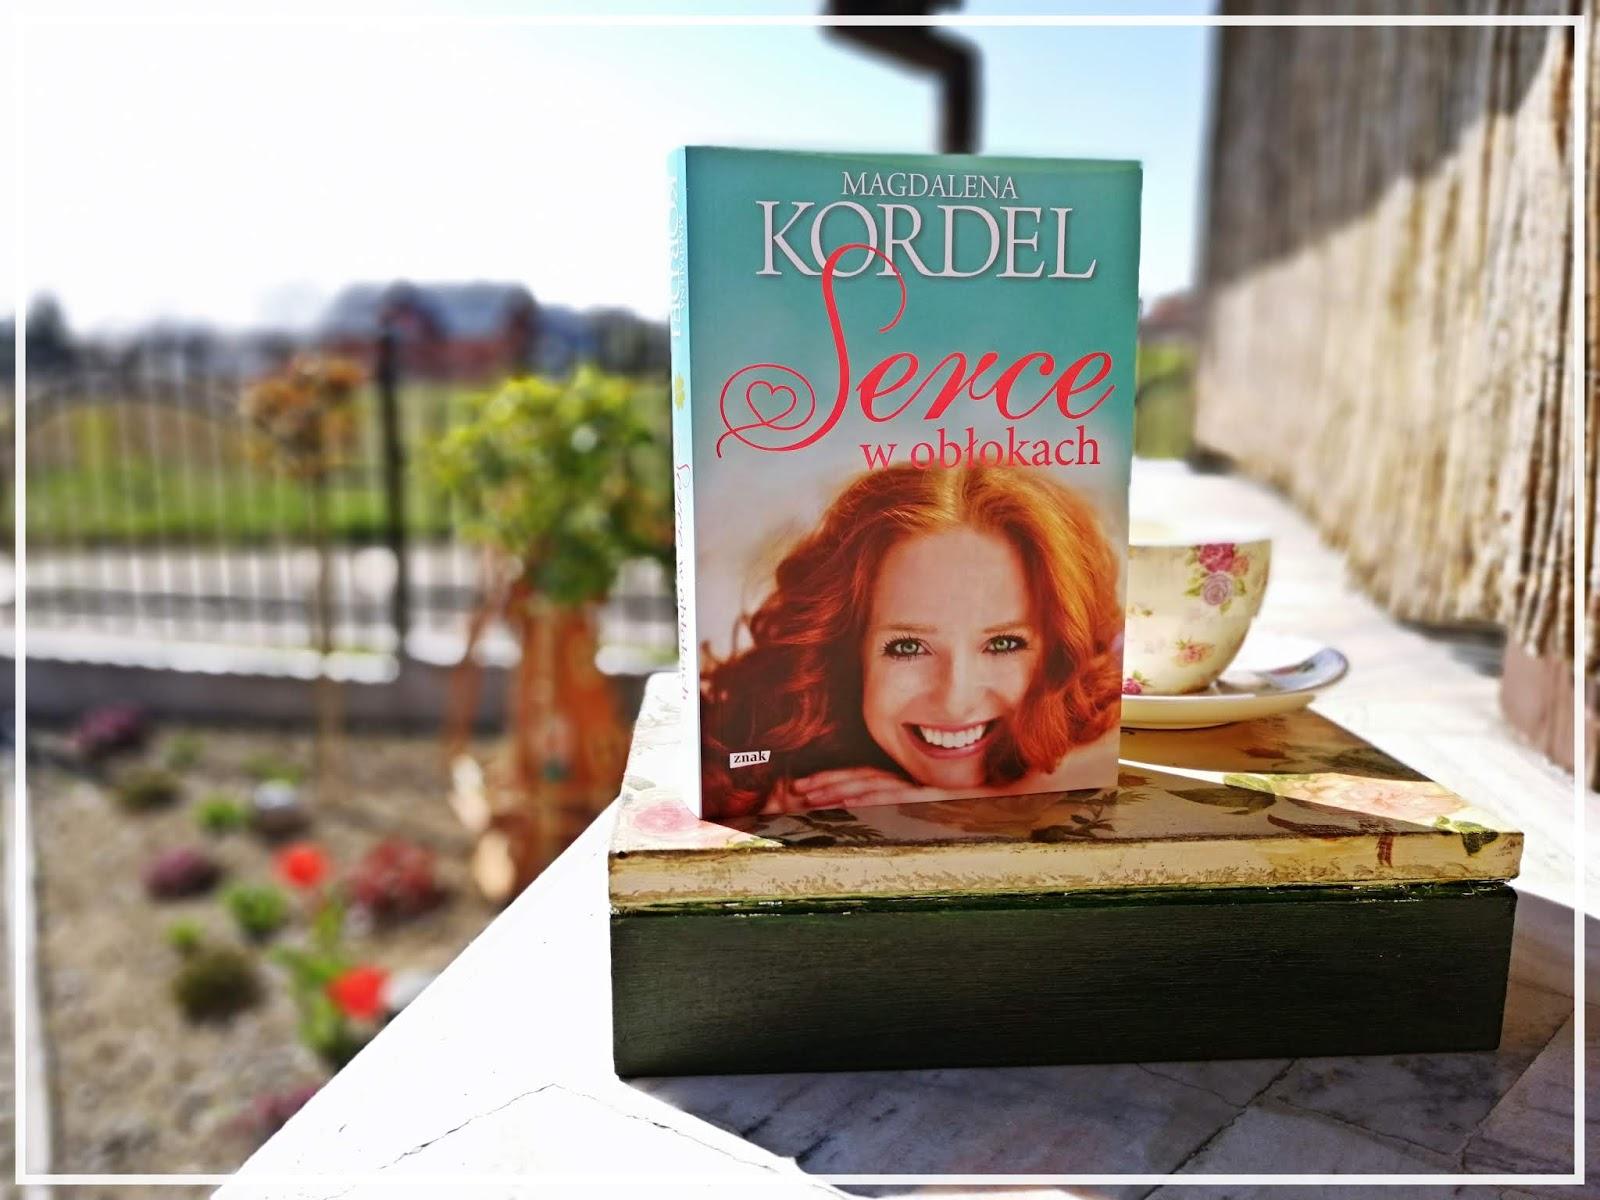 3ca9643298658 Magdalena Kordel, autorka poczytnych powieści obyczajowych, częstuje swoje  czytelniczki już trzecim tomem serii Miasteczko, historii rozgrywanej w  sielskiej ...